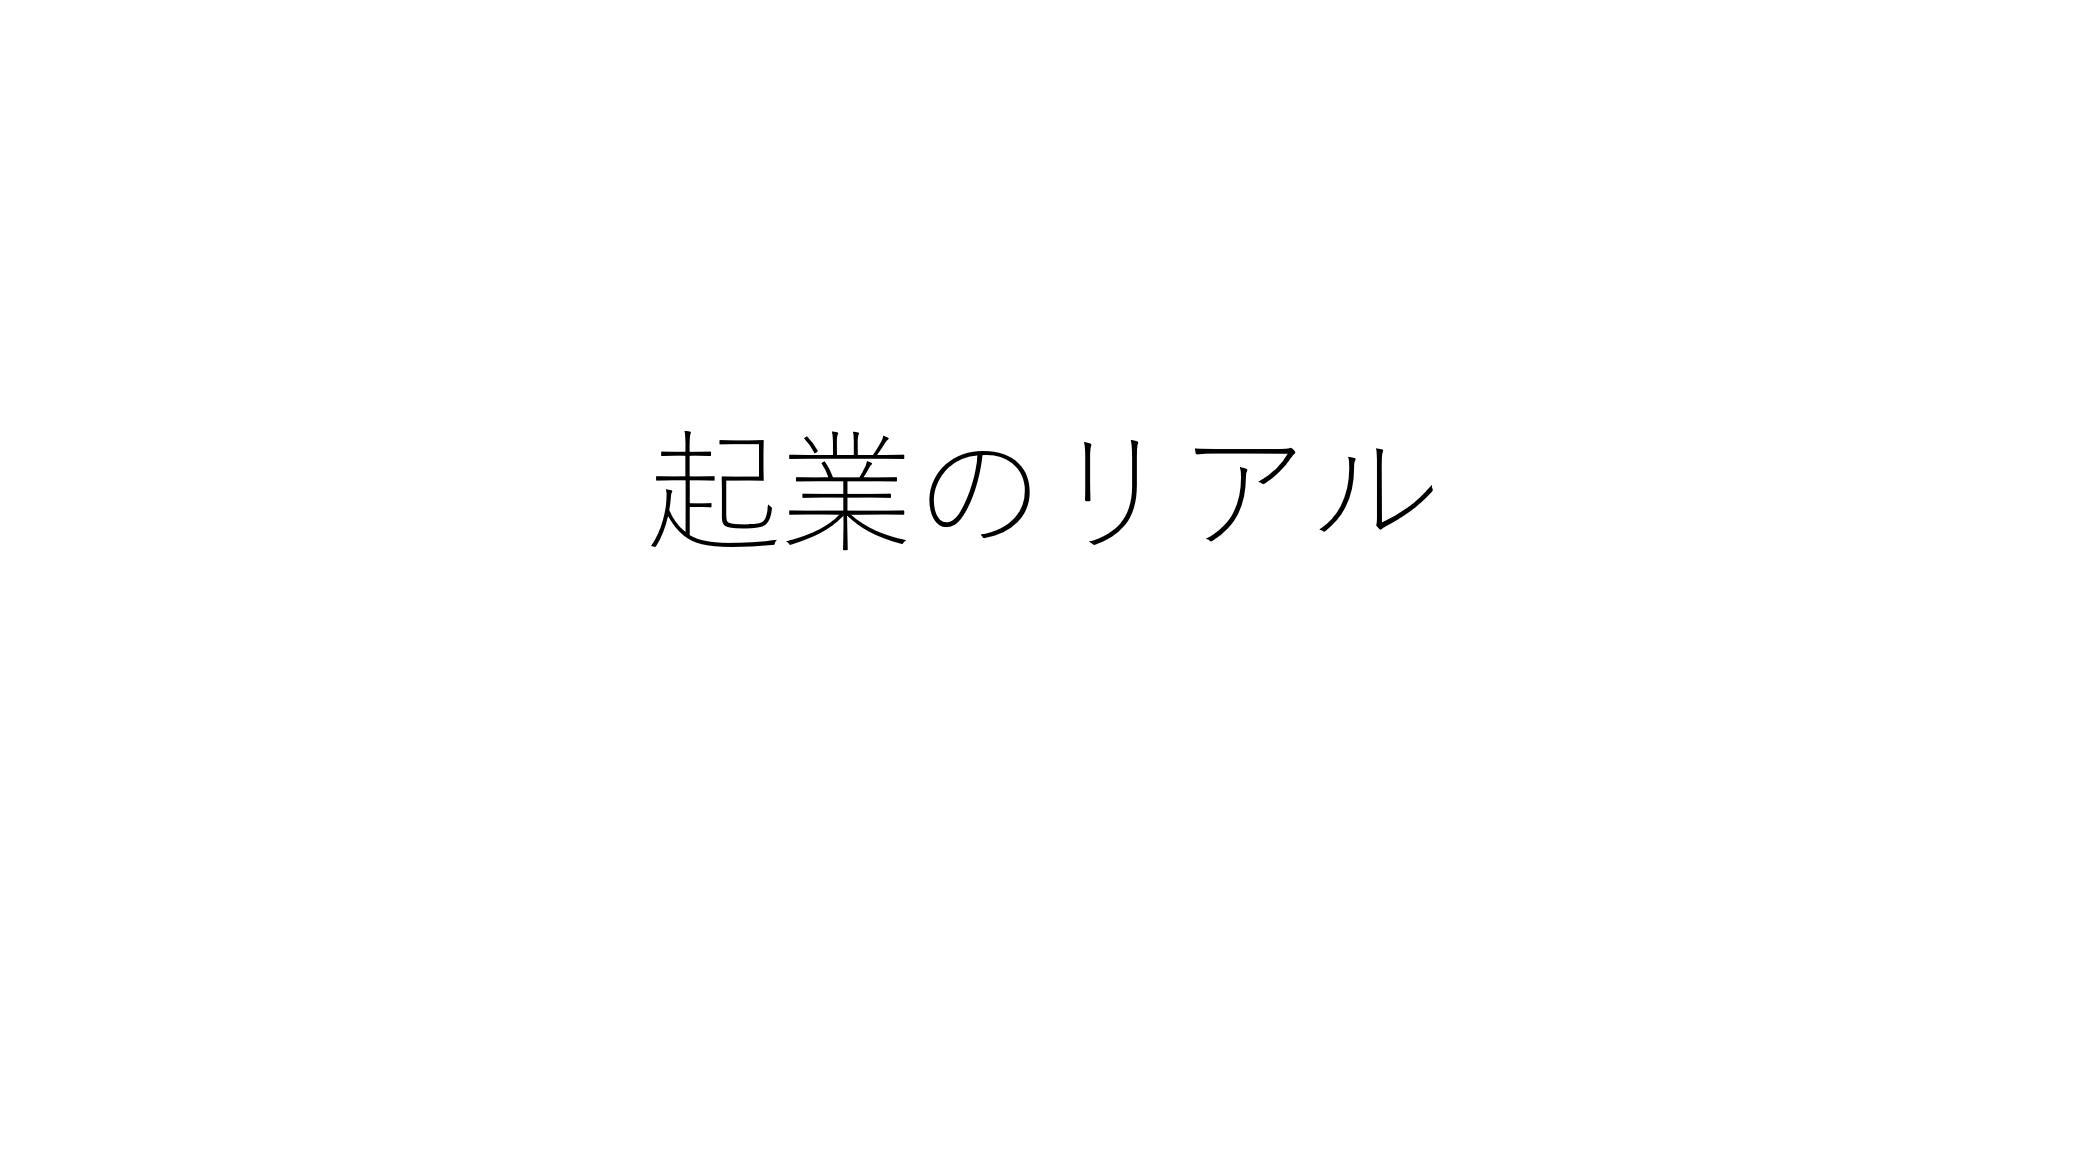 起業のリアル(田原総一朗著)